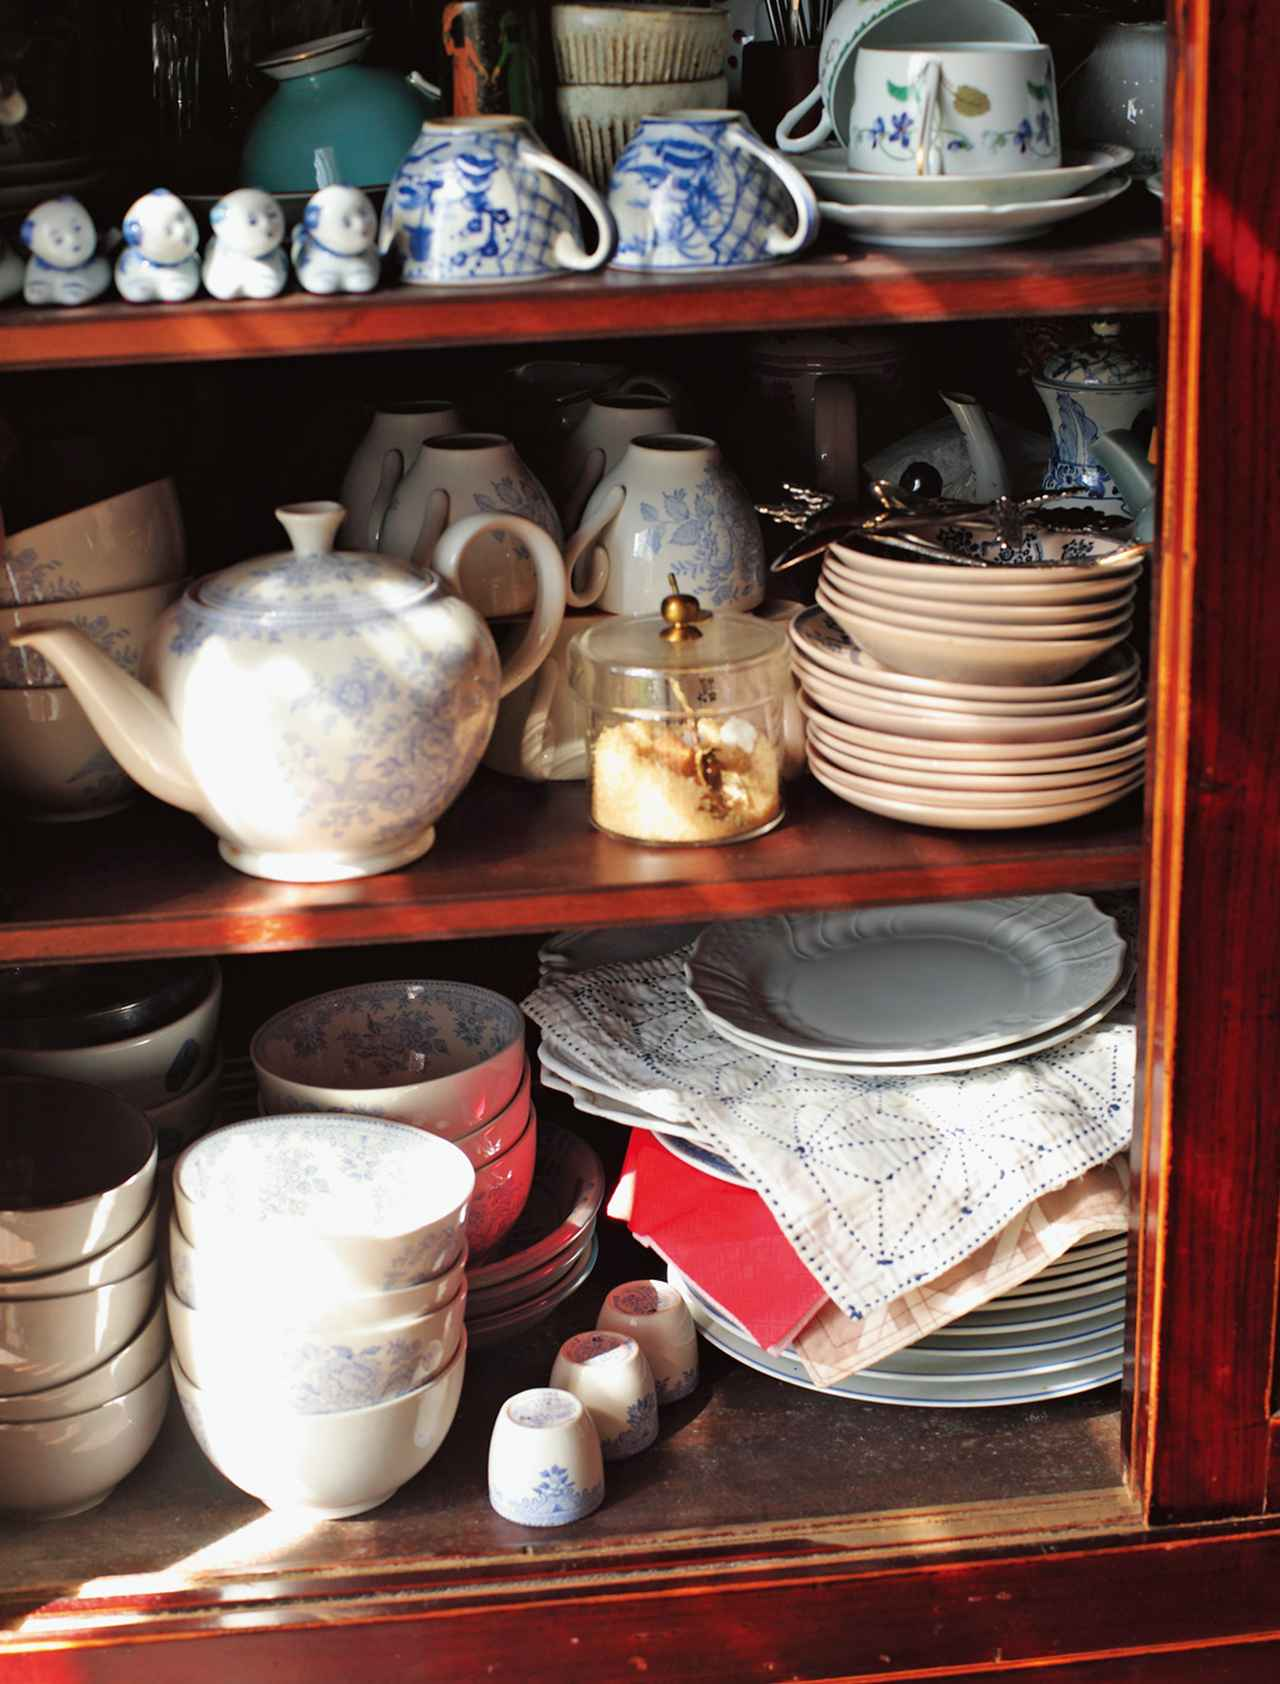 画像: 傷がついたりカビたりしないように、皿と皿の間には、はぎれを挟んでおく。暮らしの知恵が随所にちりばめられている